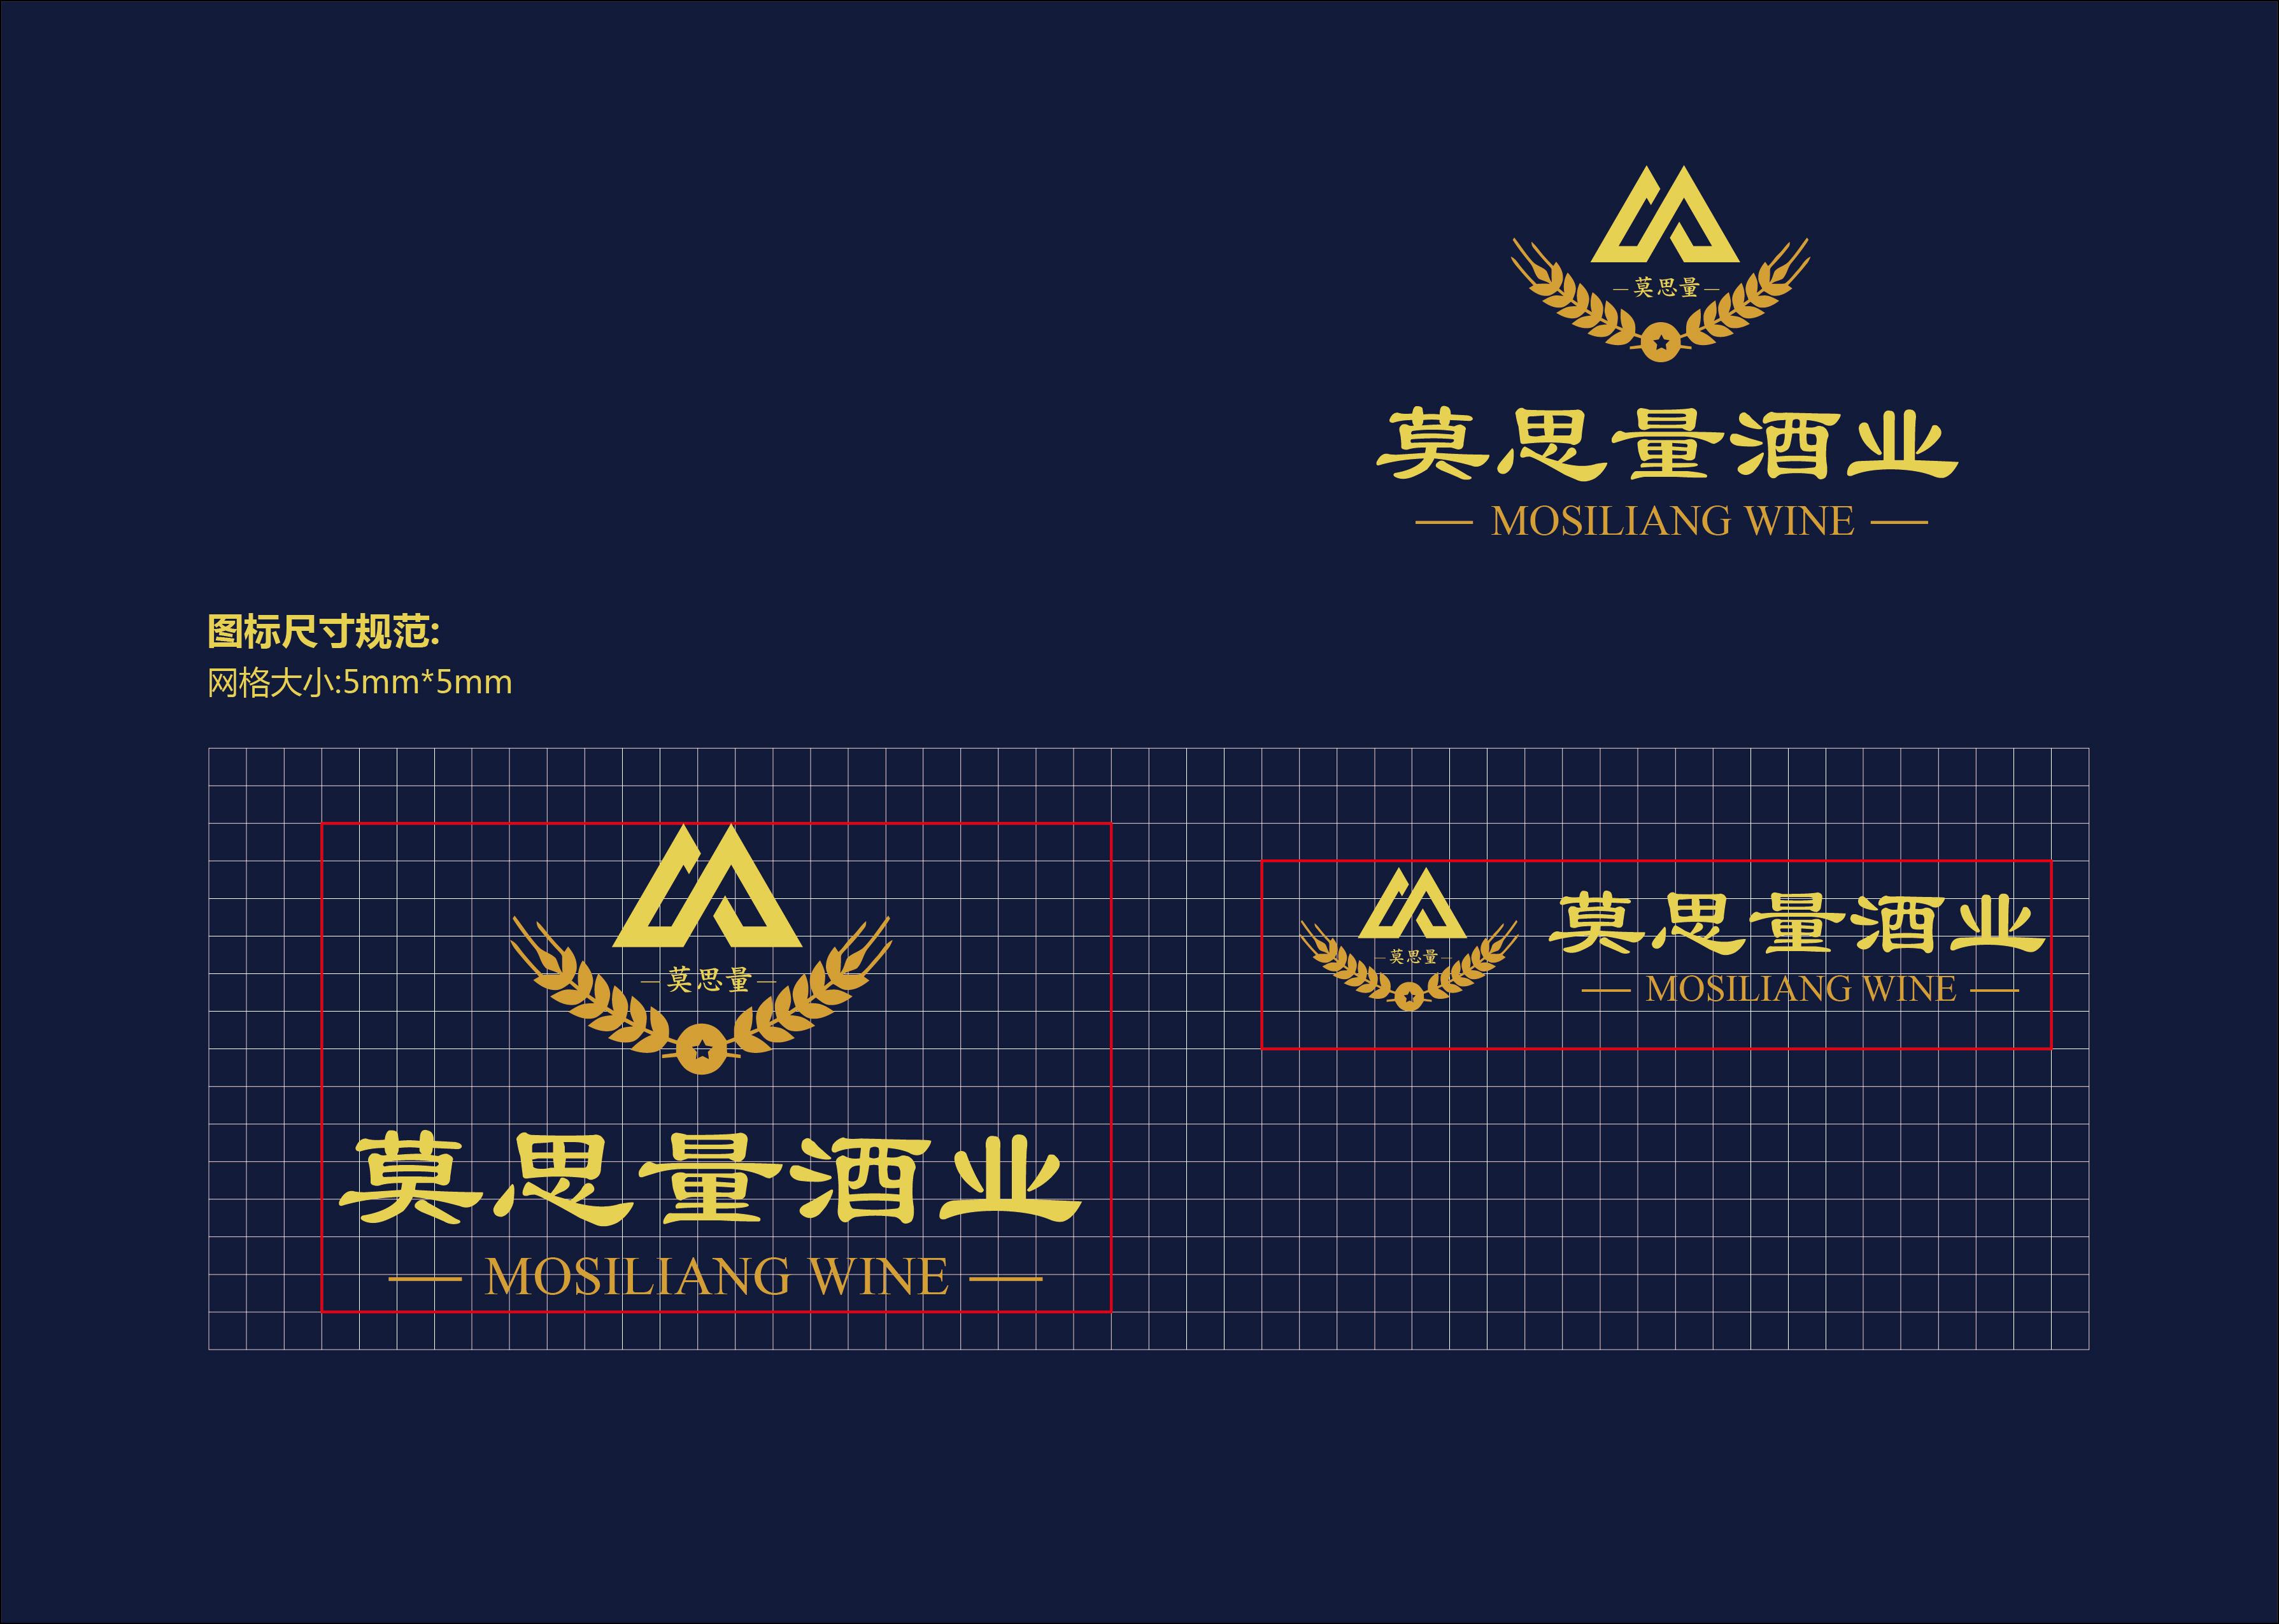 莫思量-成都市蒲江县莫思量酒logo